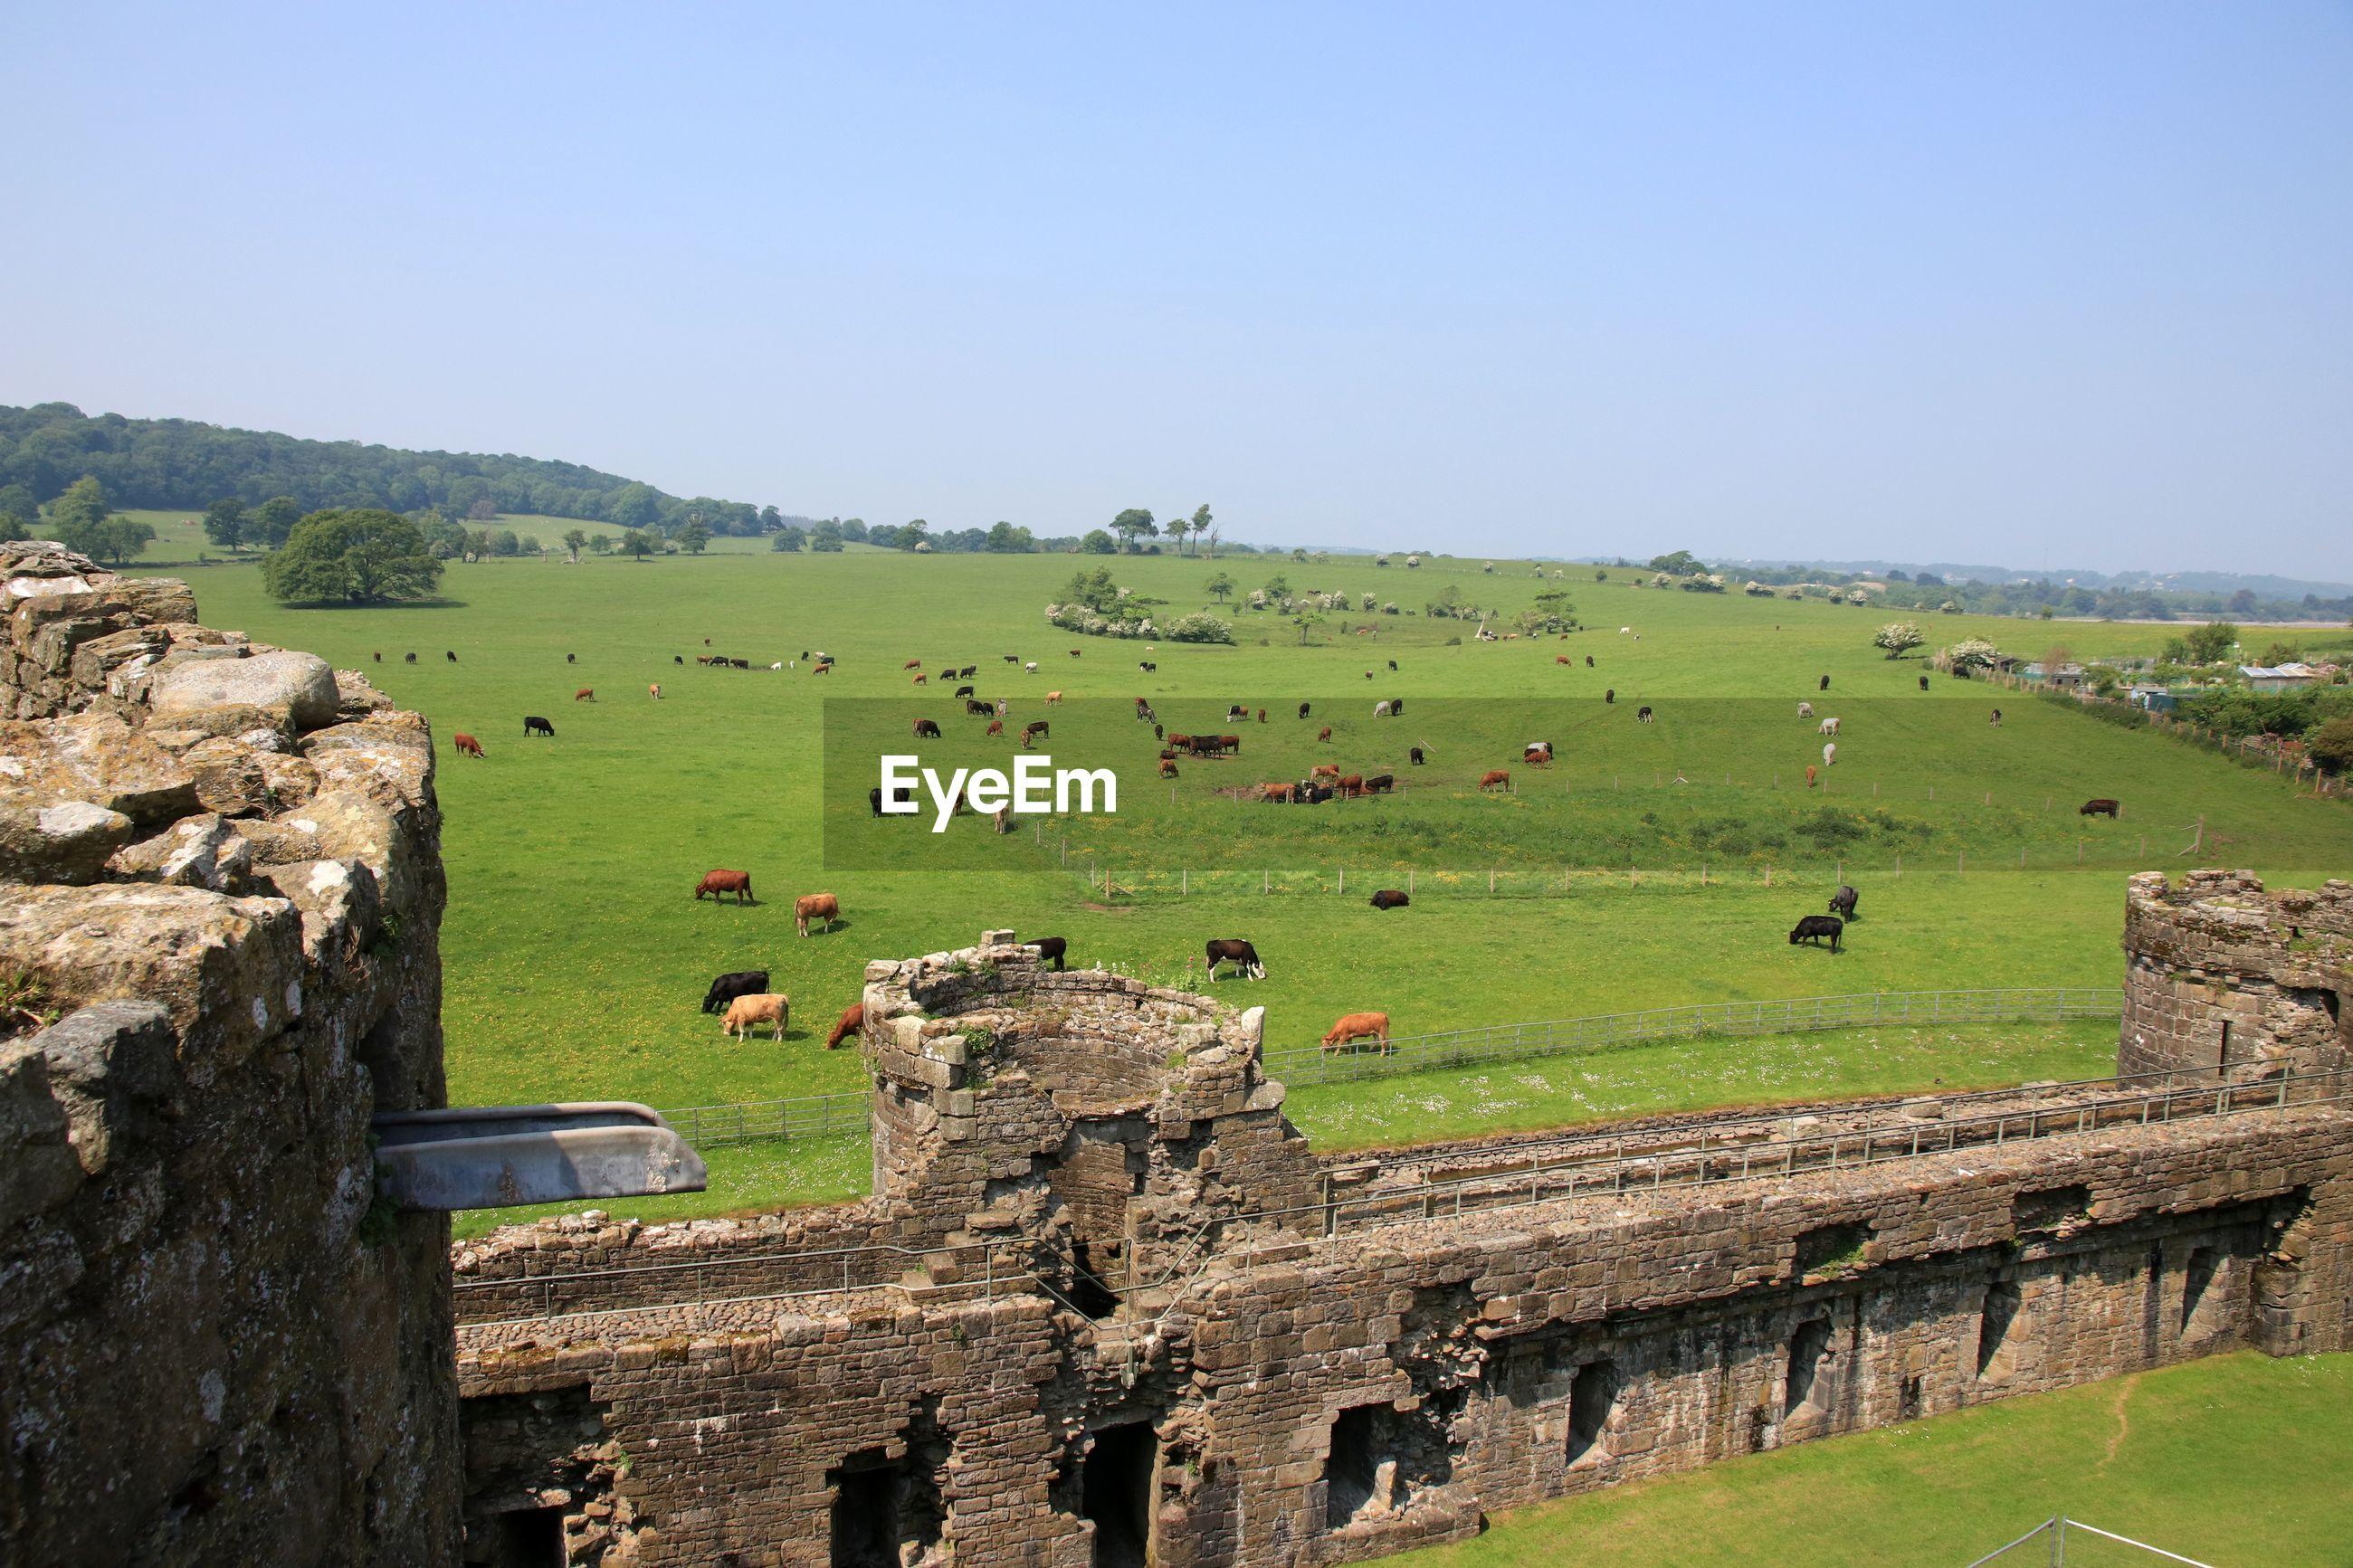 View fron beaumaris castle